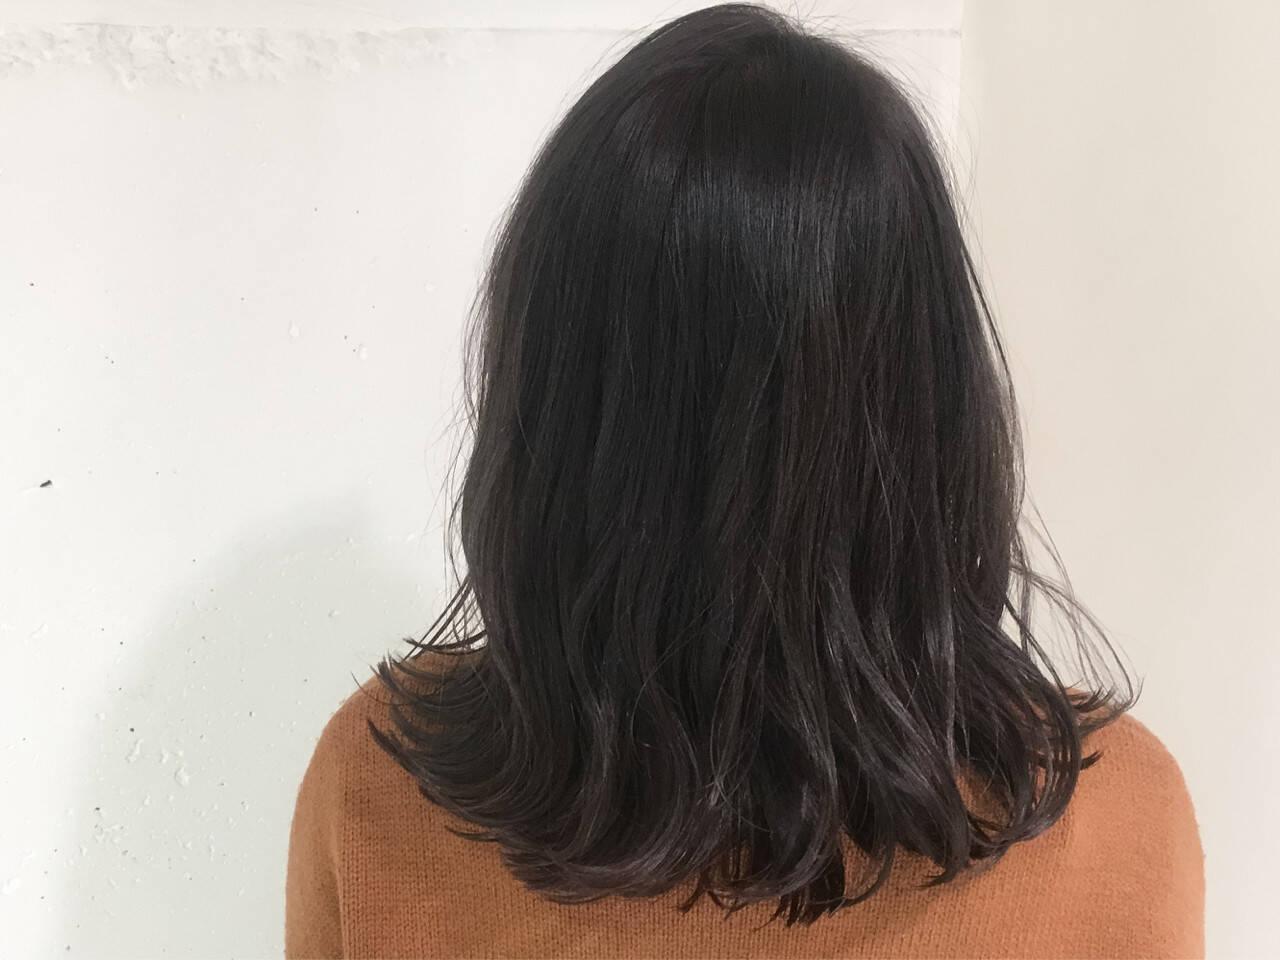 小顔 アッシュ 外国人風 大人女子ヘアスタイルや髪型の写真・画像